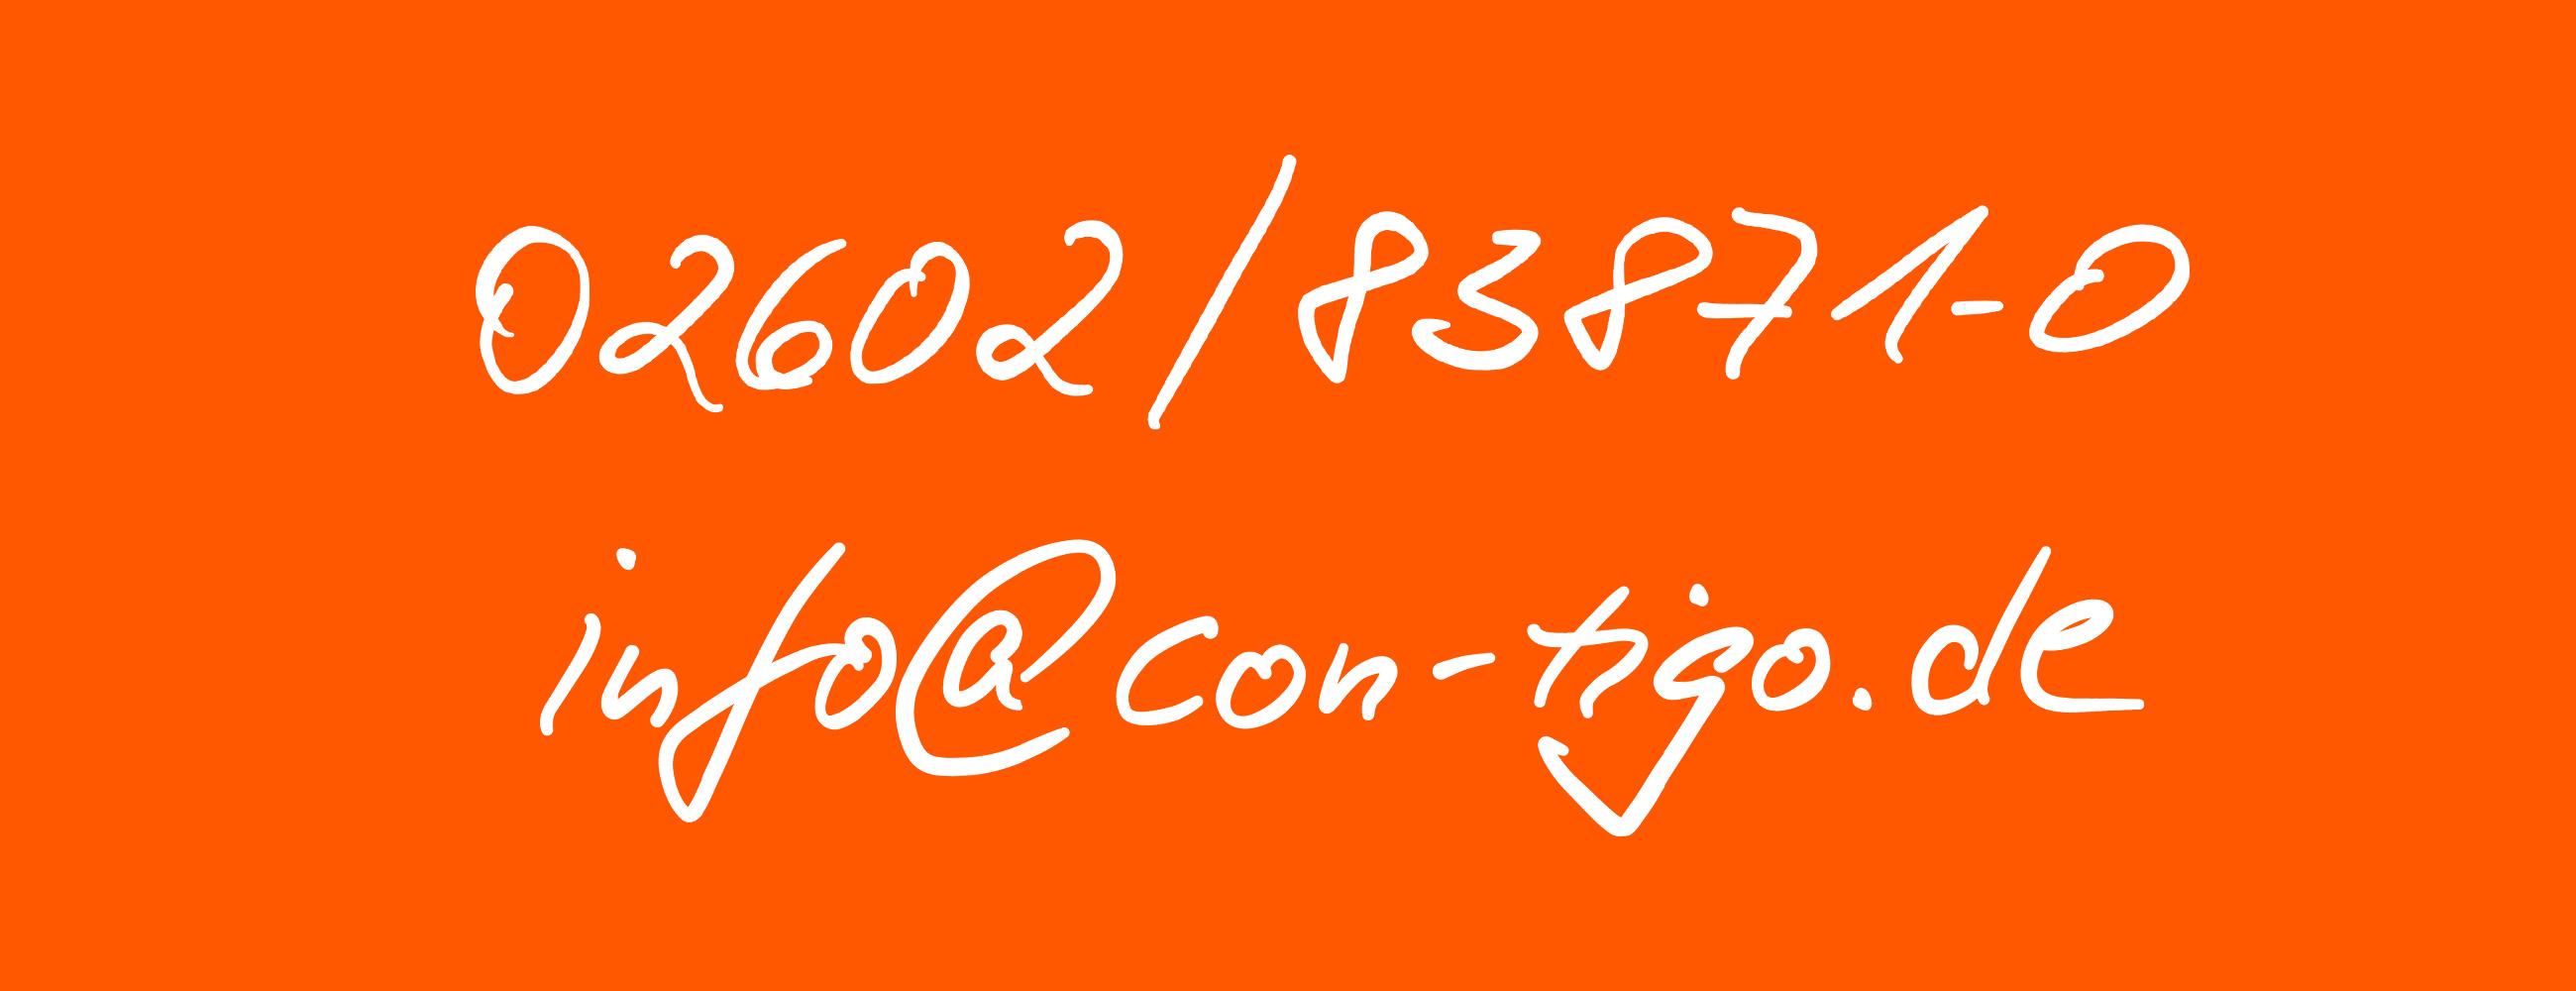 info@con-tigo.de